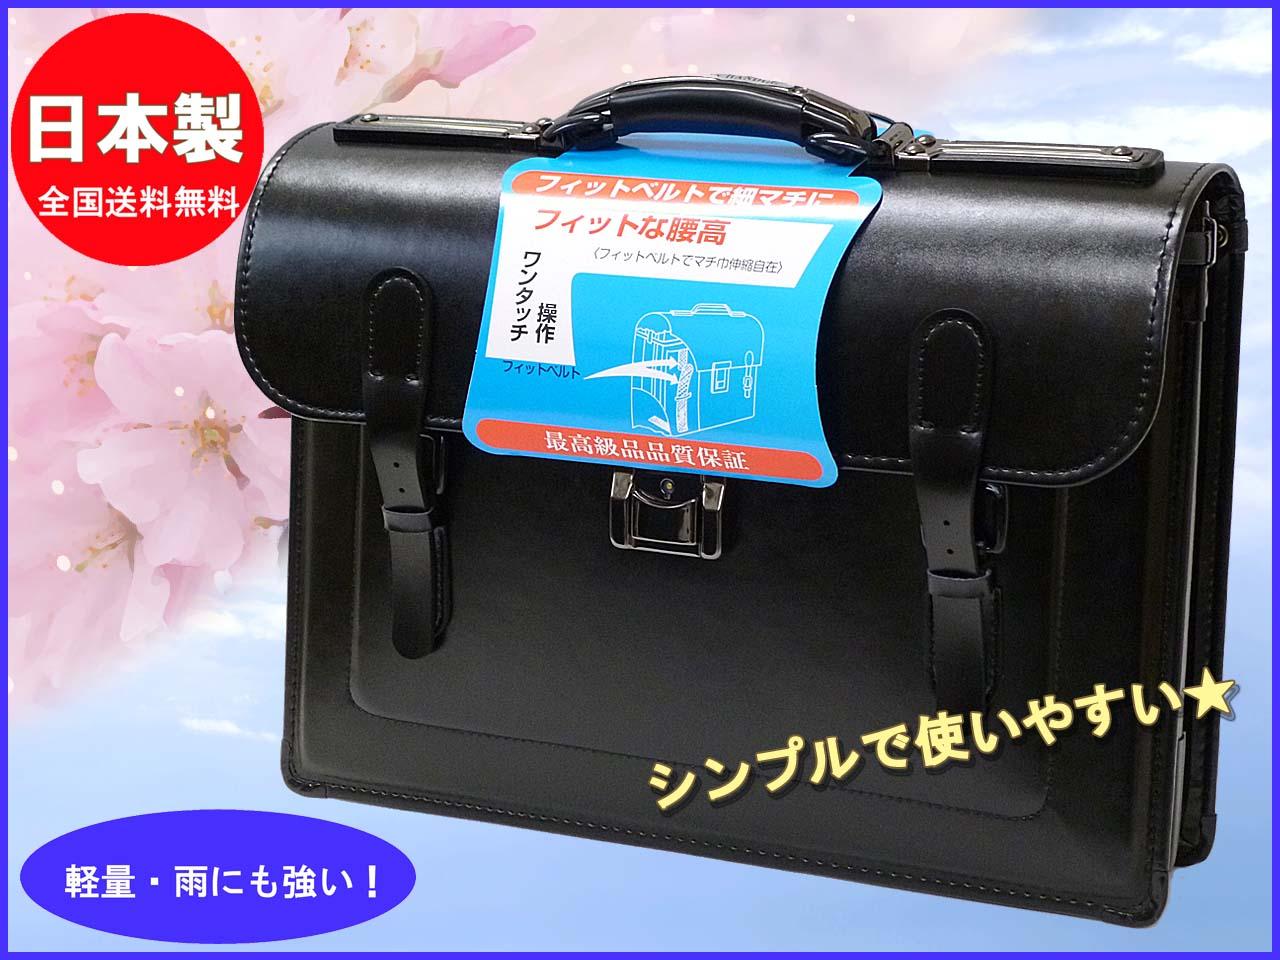 日本製 学生カバン 学生かばん 学生鞄 手提げリーダー b マチ幅伸縮可能 即日発送! 12000